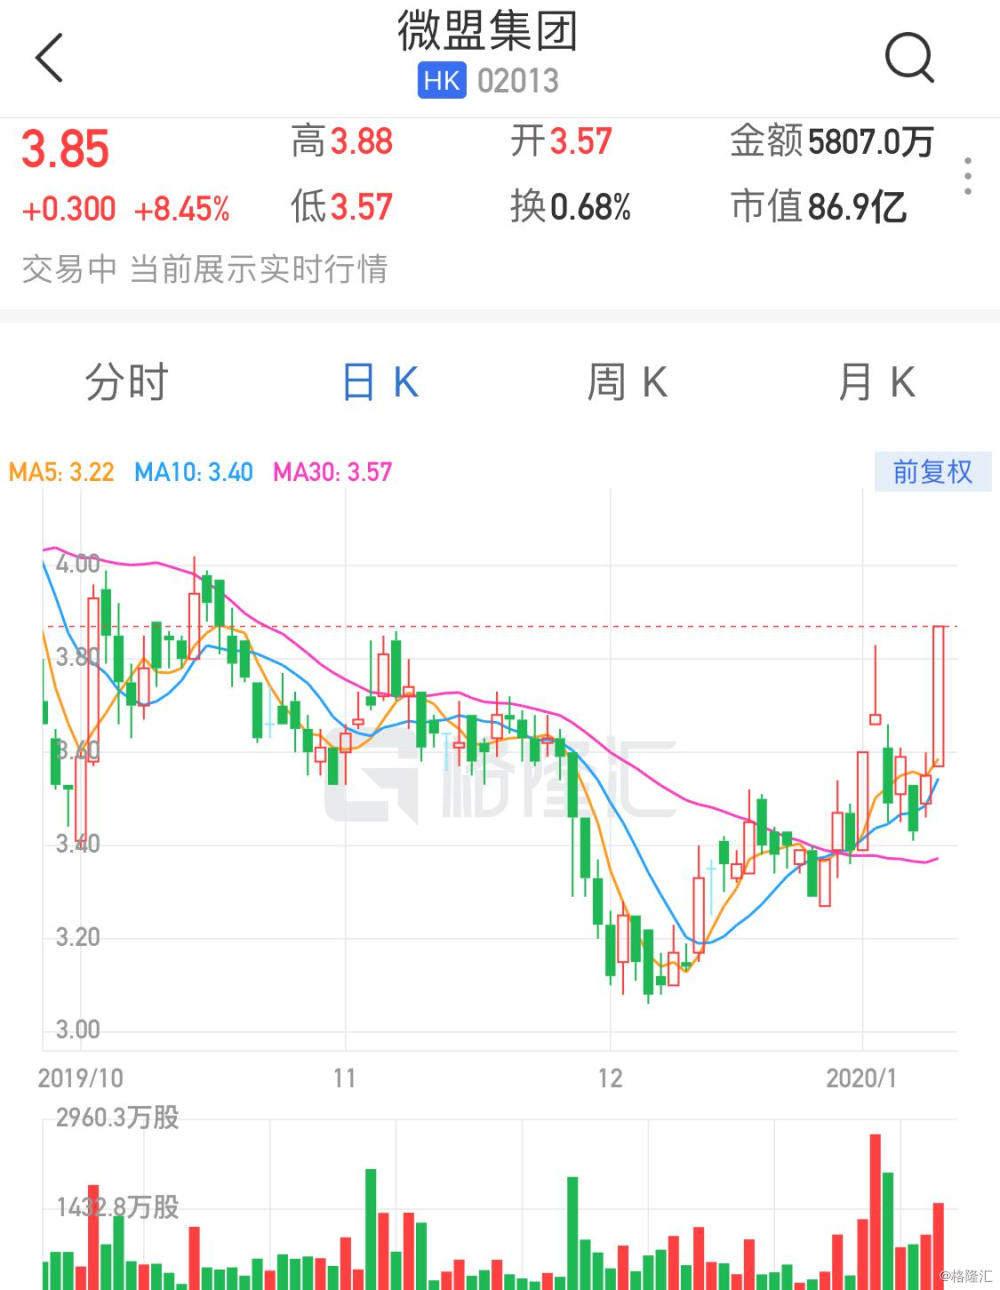 港股异动   微盟集团(2013.HK)大涨超8% 将受益微信提高好友上限和推出直播组件